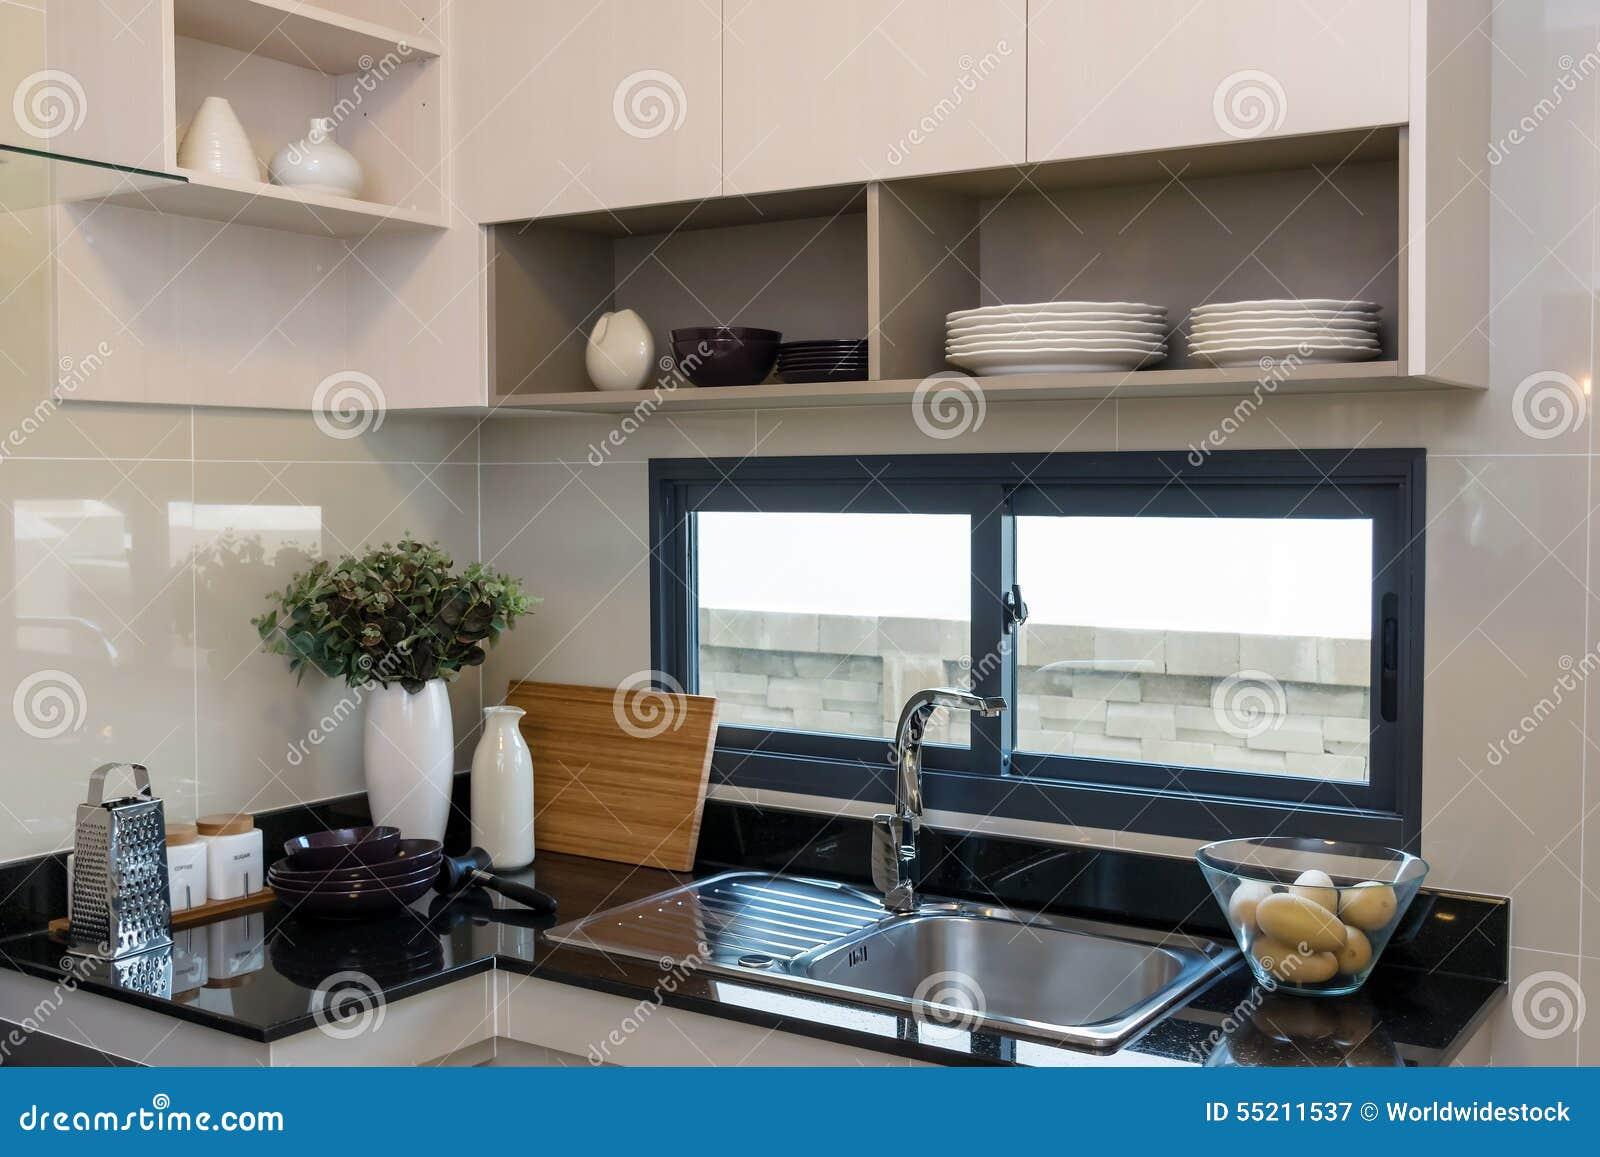 vaisselle de cuisine en céramique sur le plan de travail de marbre